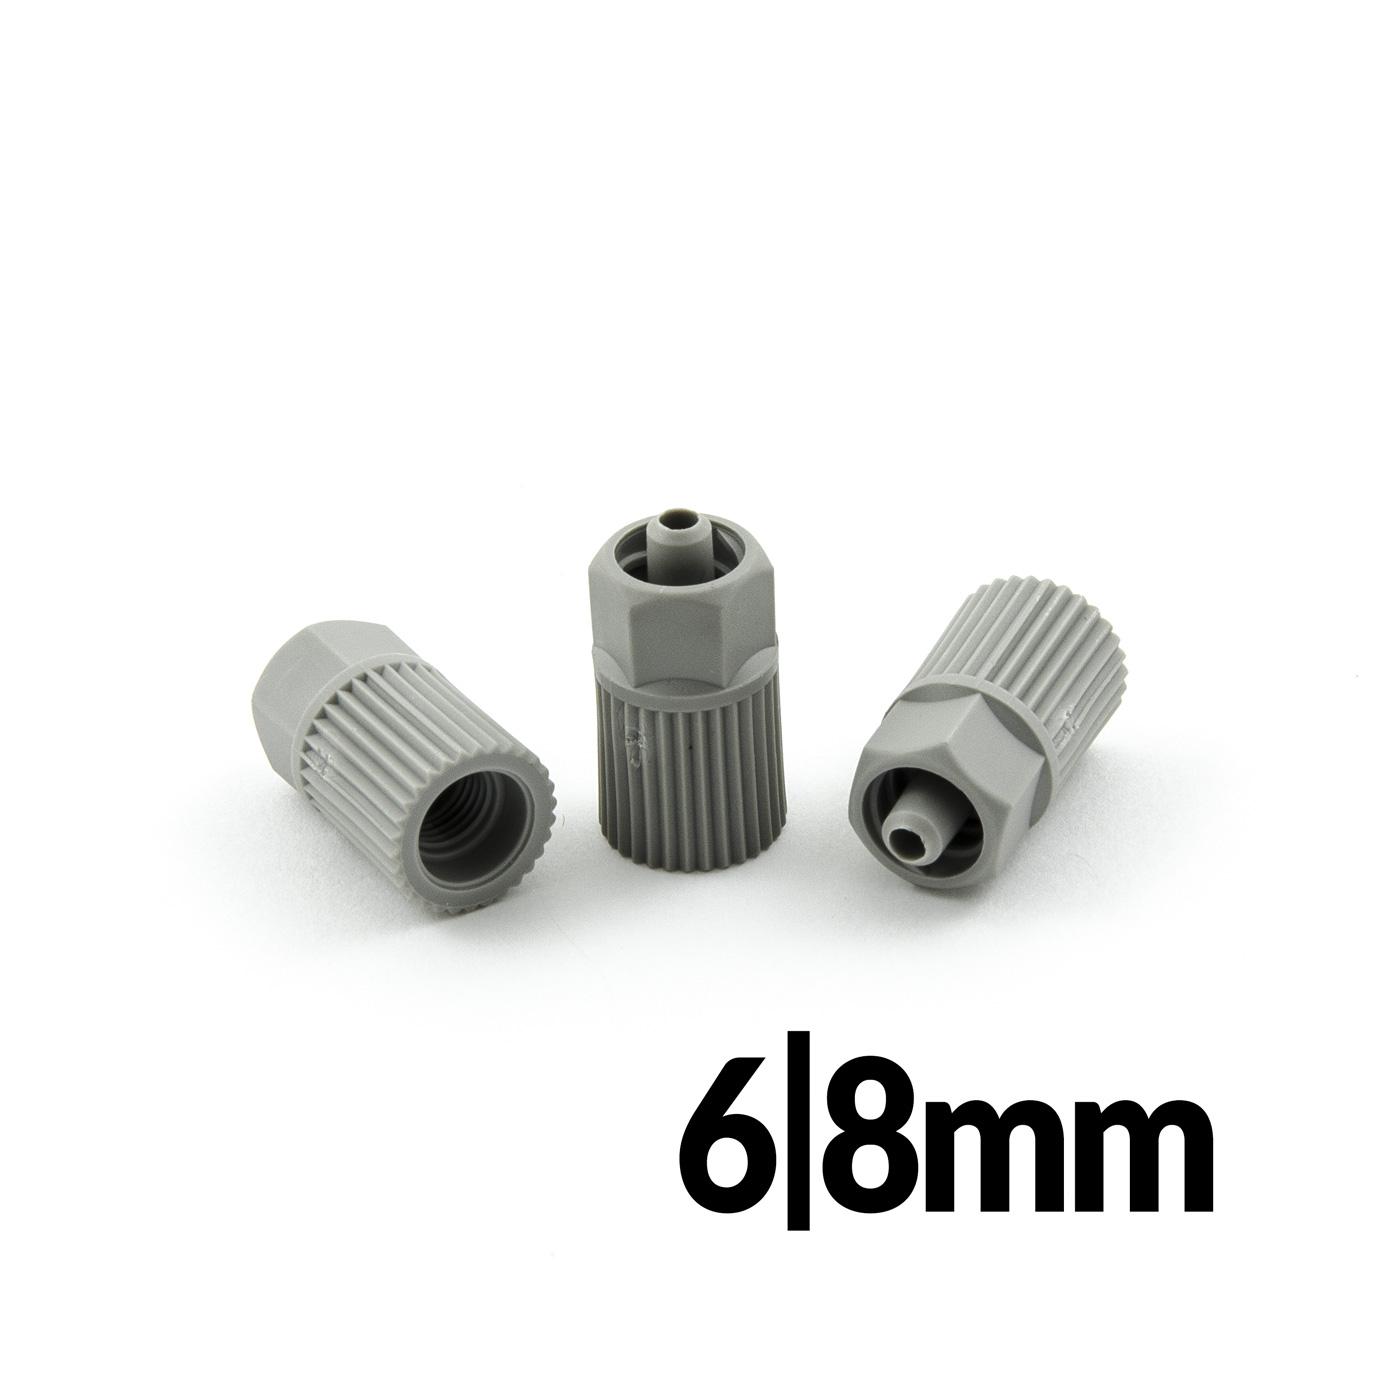 Redukce pro mixéry 6 a 8mm k připojení dávkovacích jehel luer lock